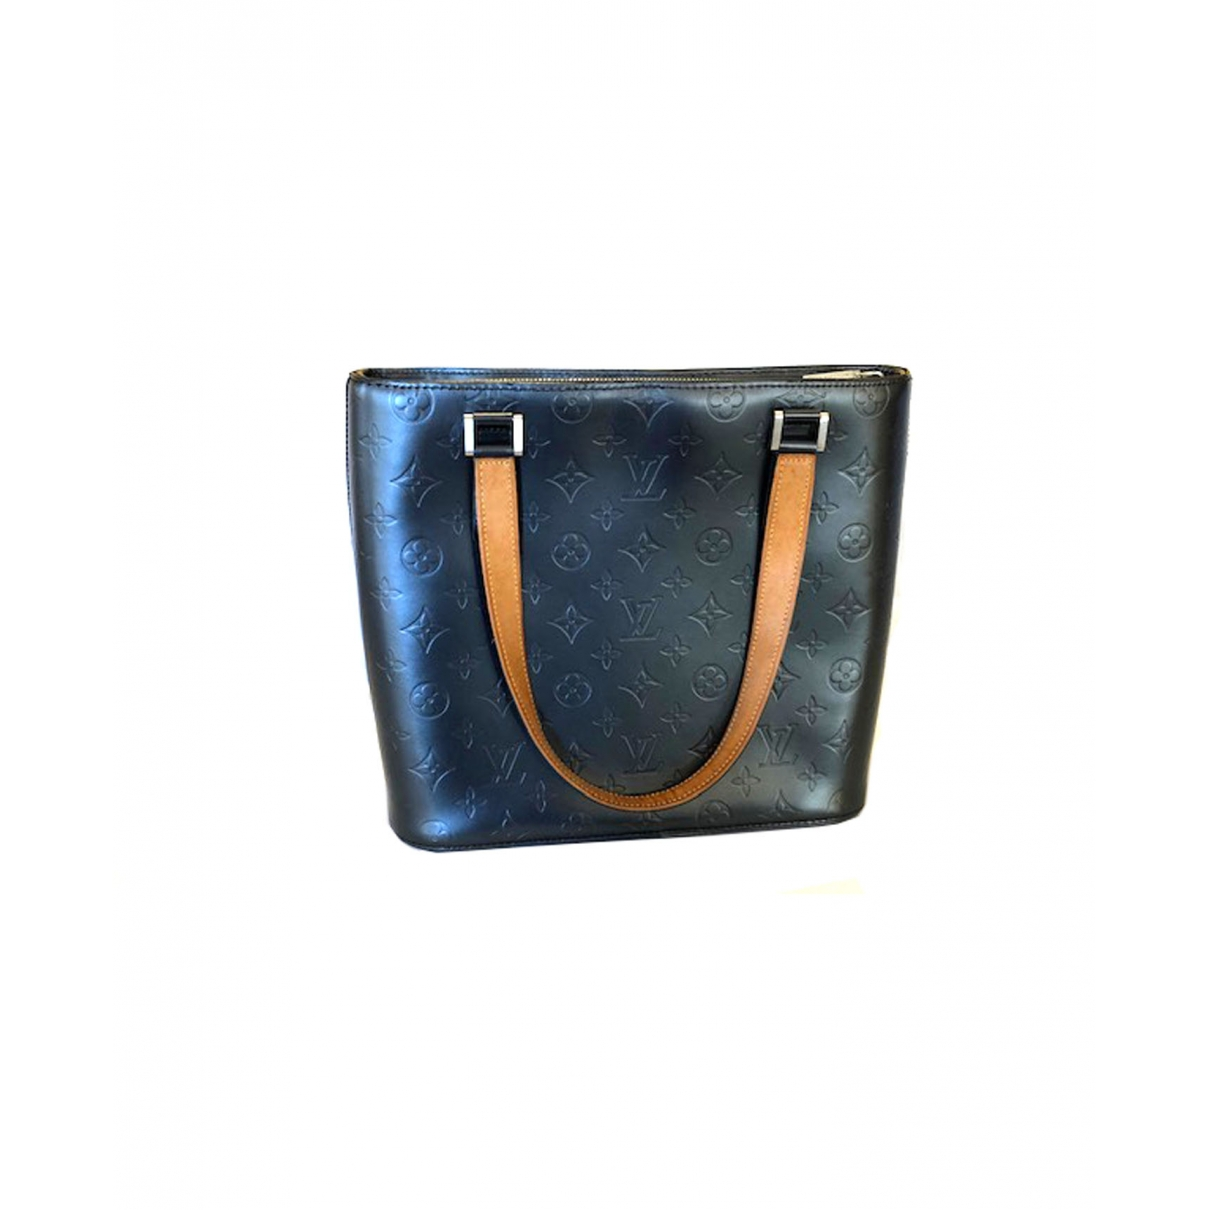 Louis Vuitton Houston Handtasche in  Schwarz Leder